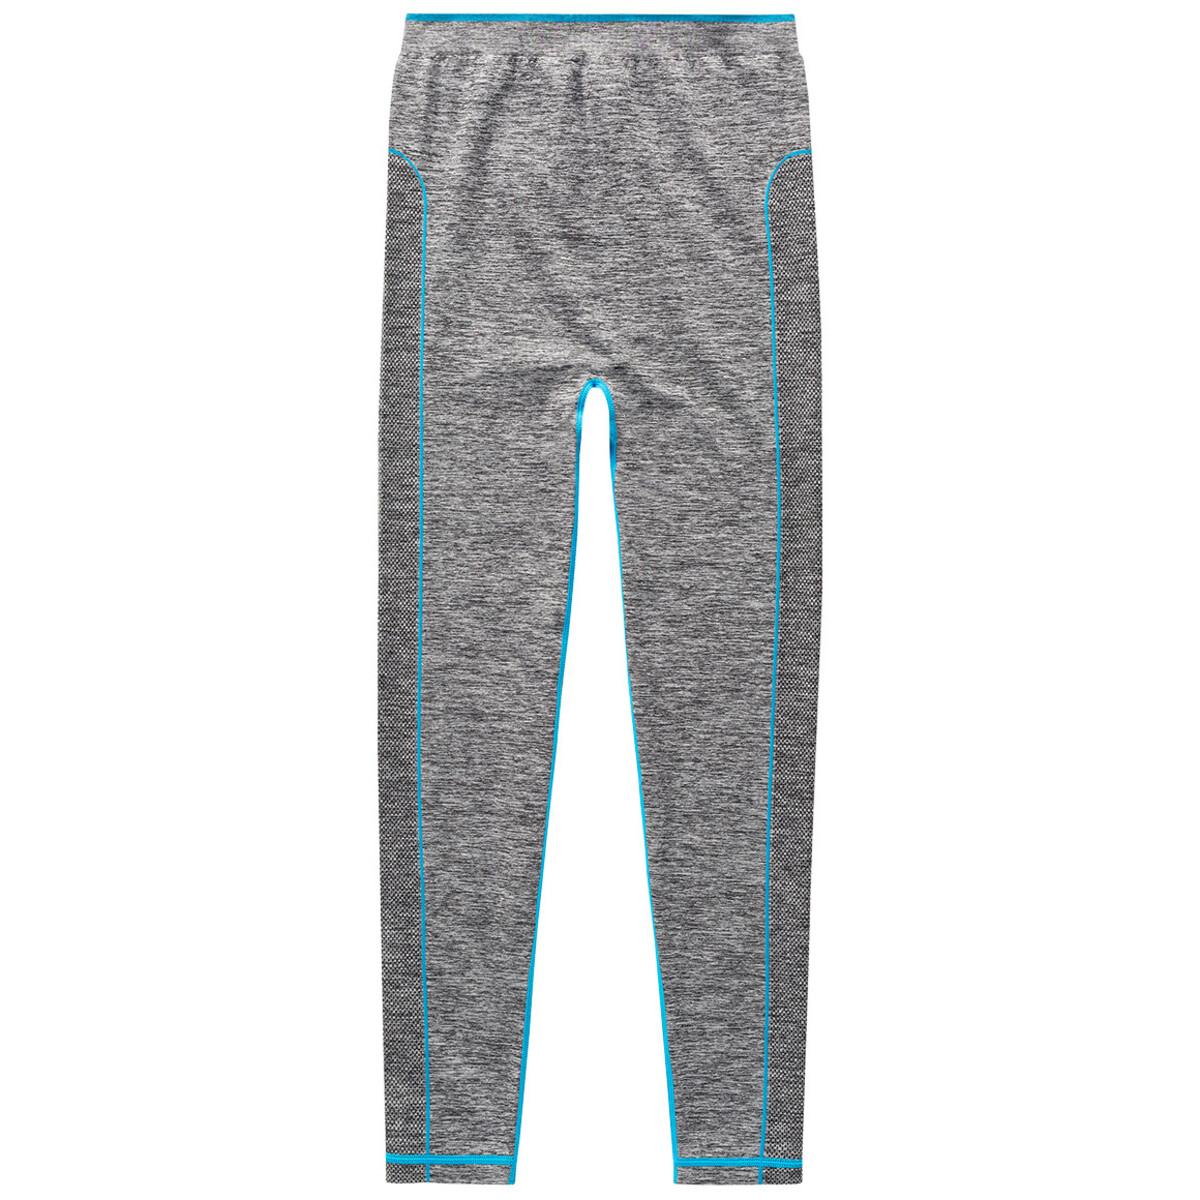 Bild 1 von Jungen Sport-Unterhose in Seamless-Qualität